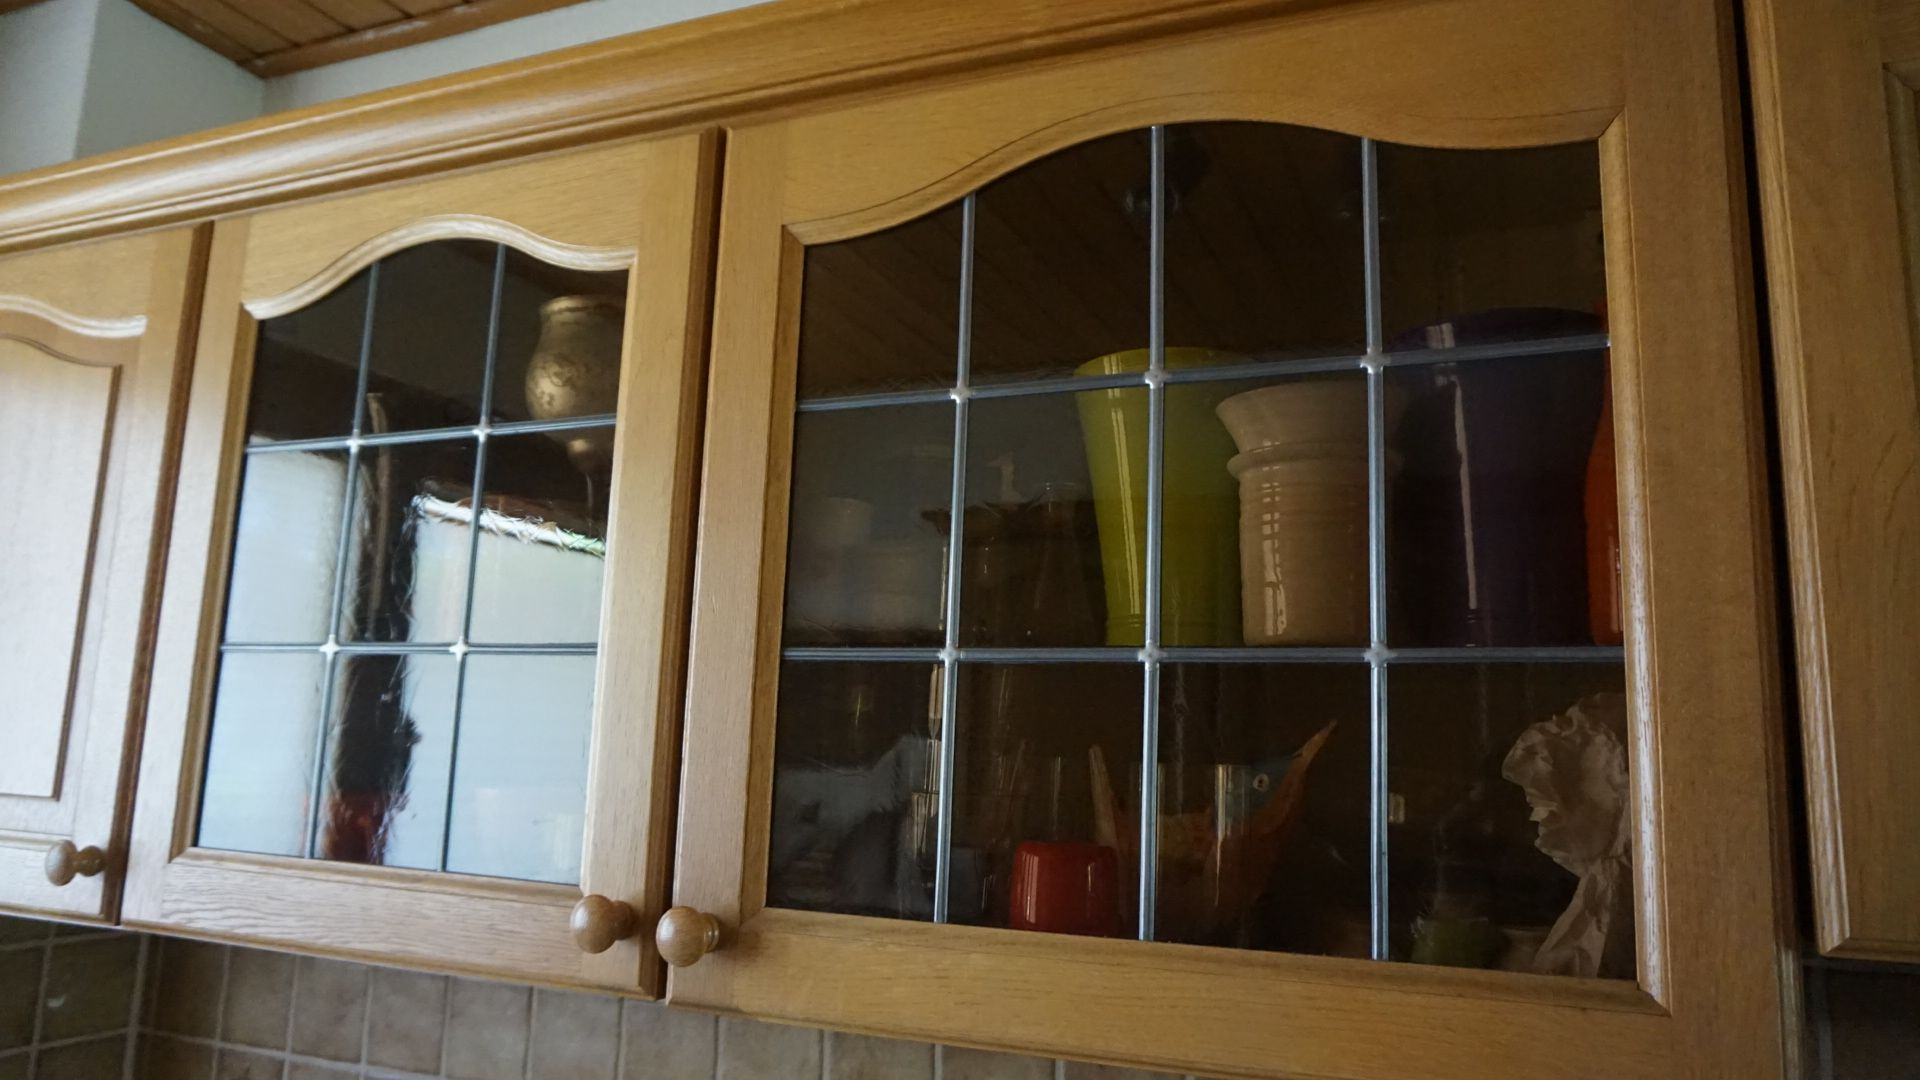 Küchenrückwand streichen ~ Küchenrückwand redesign büroküche küchenrückwand